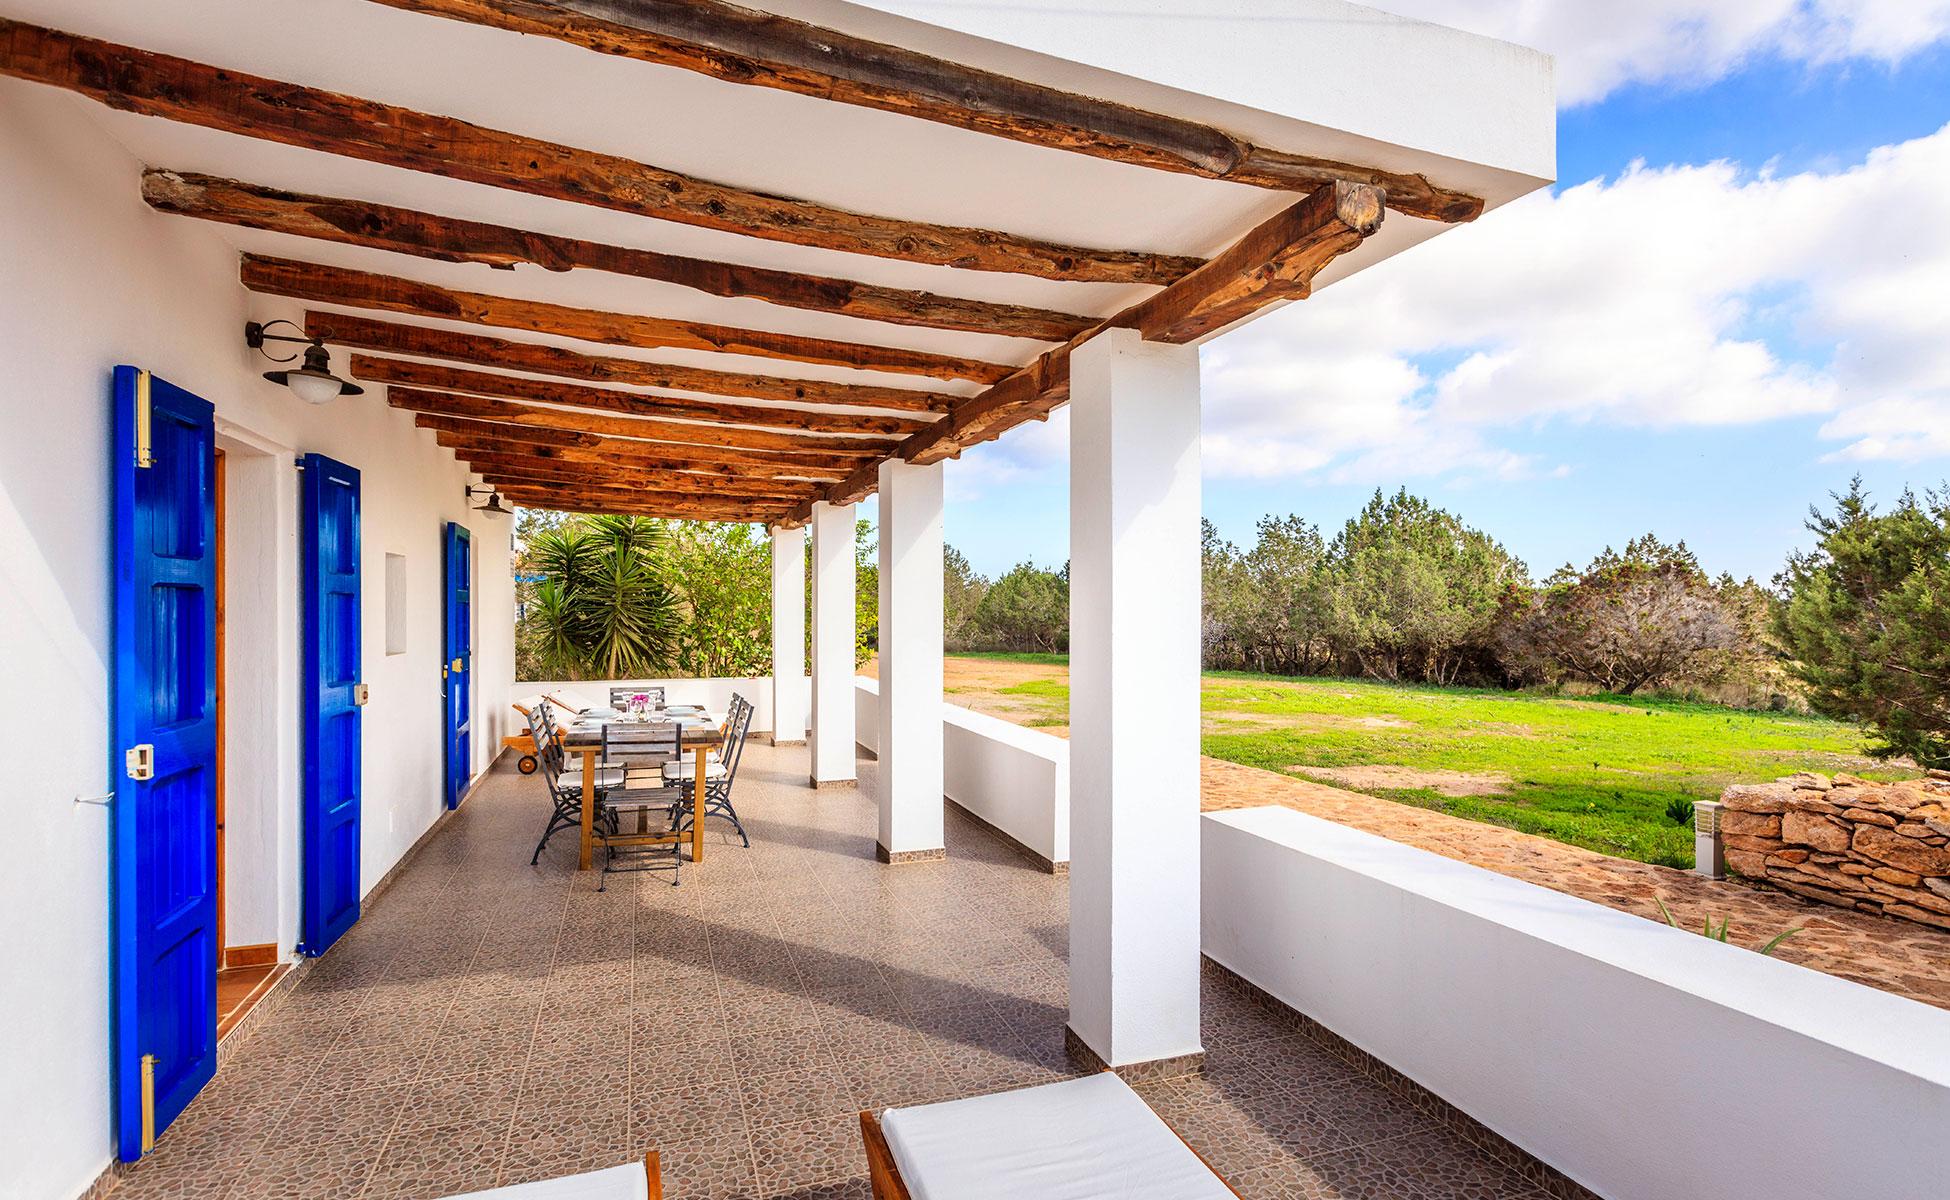 Alojamientos turísticos Cardona. Casa rural en Formentera en los alrededores de La Savina y San Francisco Javier